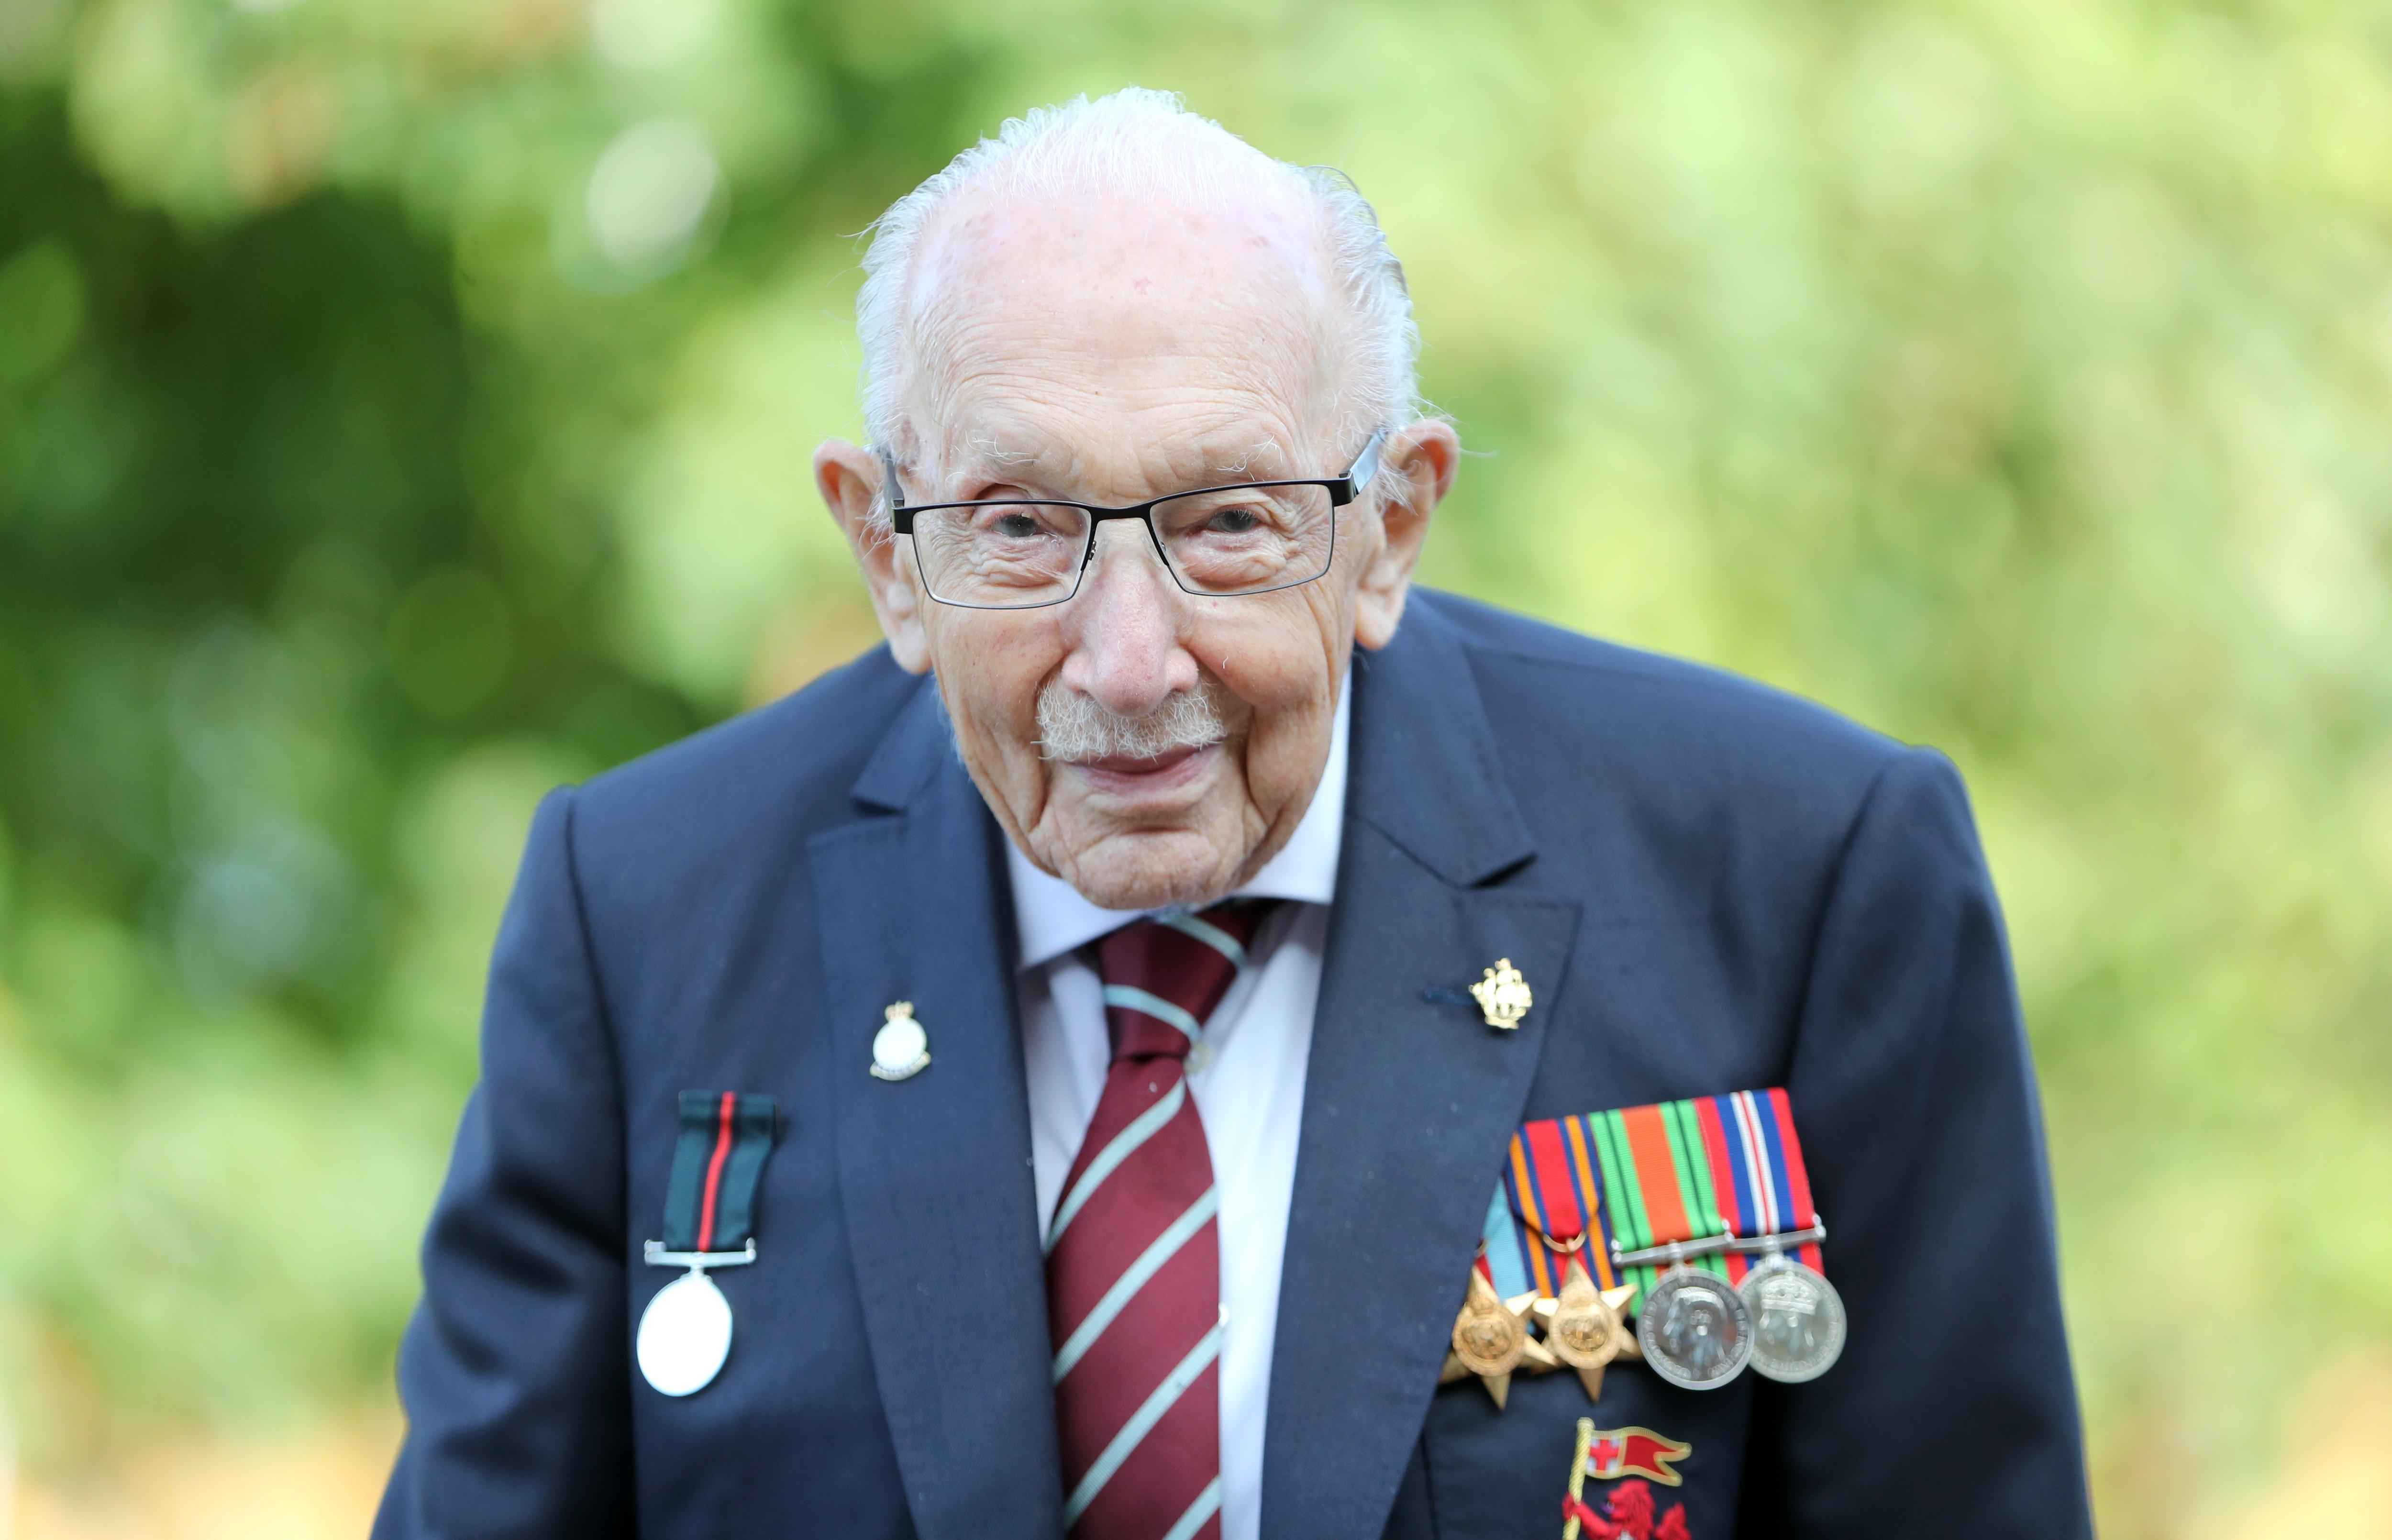 Căpitanul Sir Tom Moore a murit la 100 de ani, după ce a fost confirmat pozitiv cu Covid-19